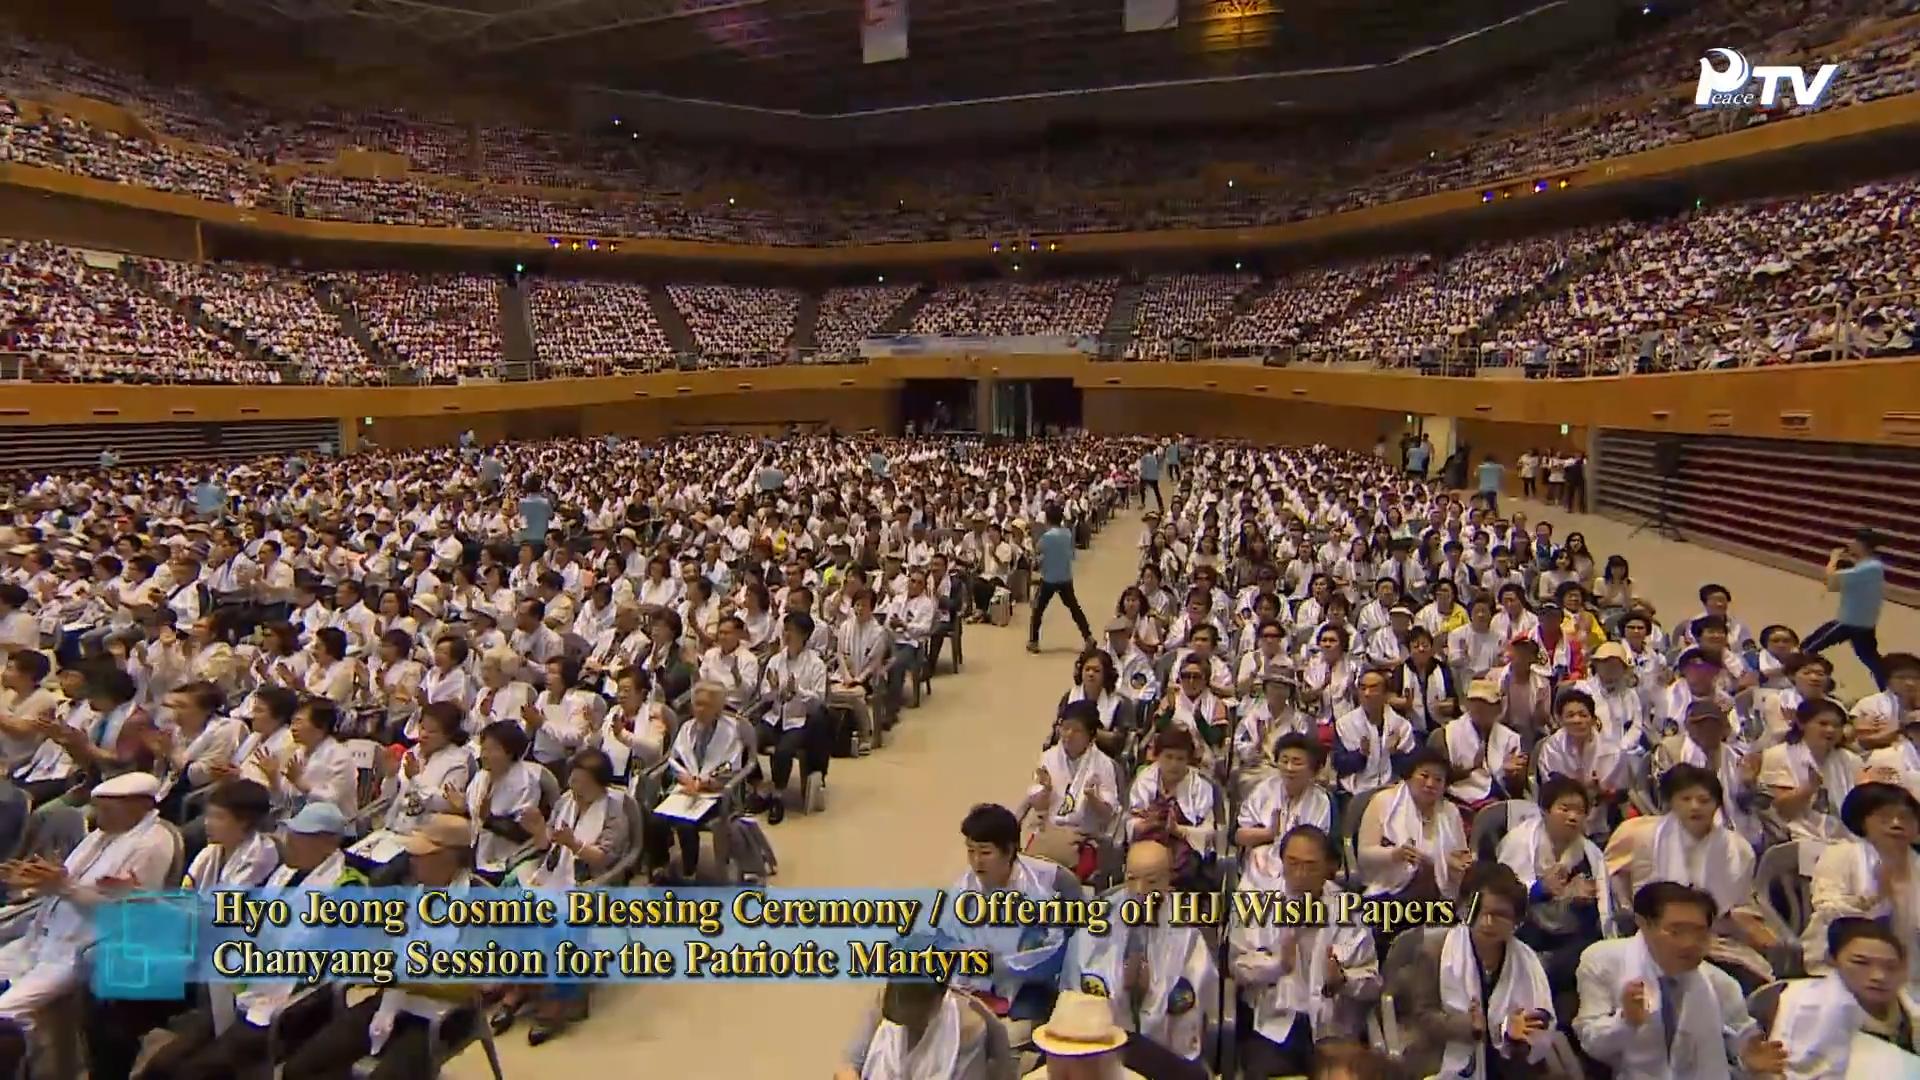 PEACE TV 6-30-18.jpg